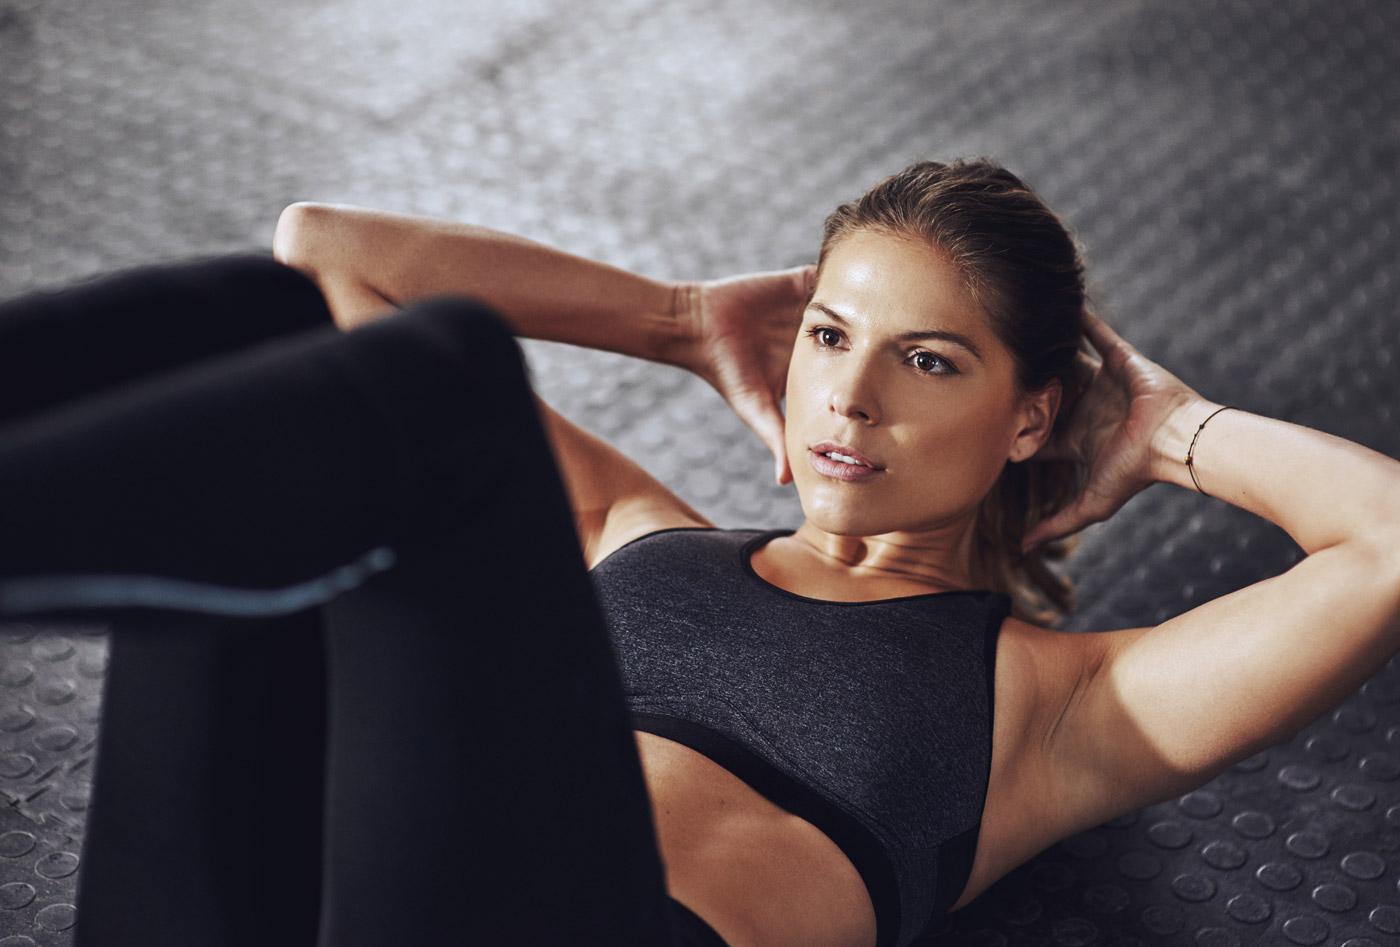 tri.balance, Säure-Basen-Haushalt, Bauchmuskeltraining, Übungen für flachen Bauch, Tipps flacher Bauch, Schnell flacher Bauch